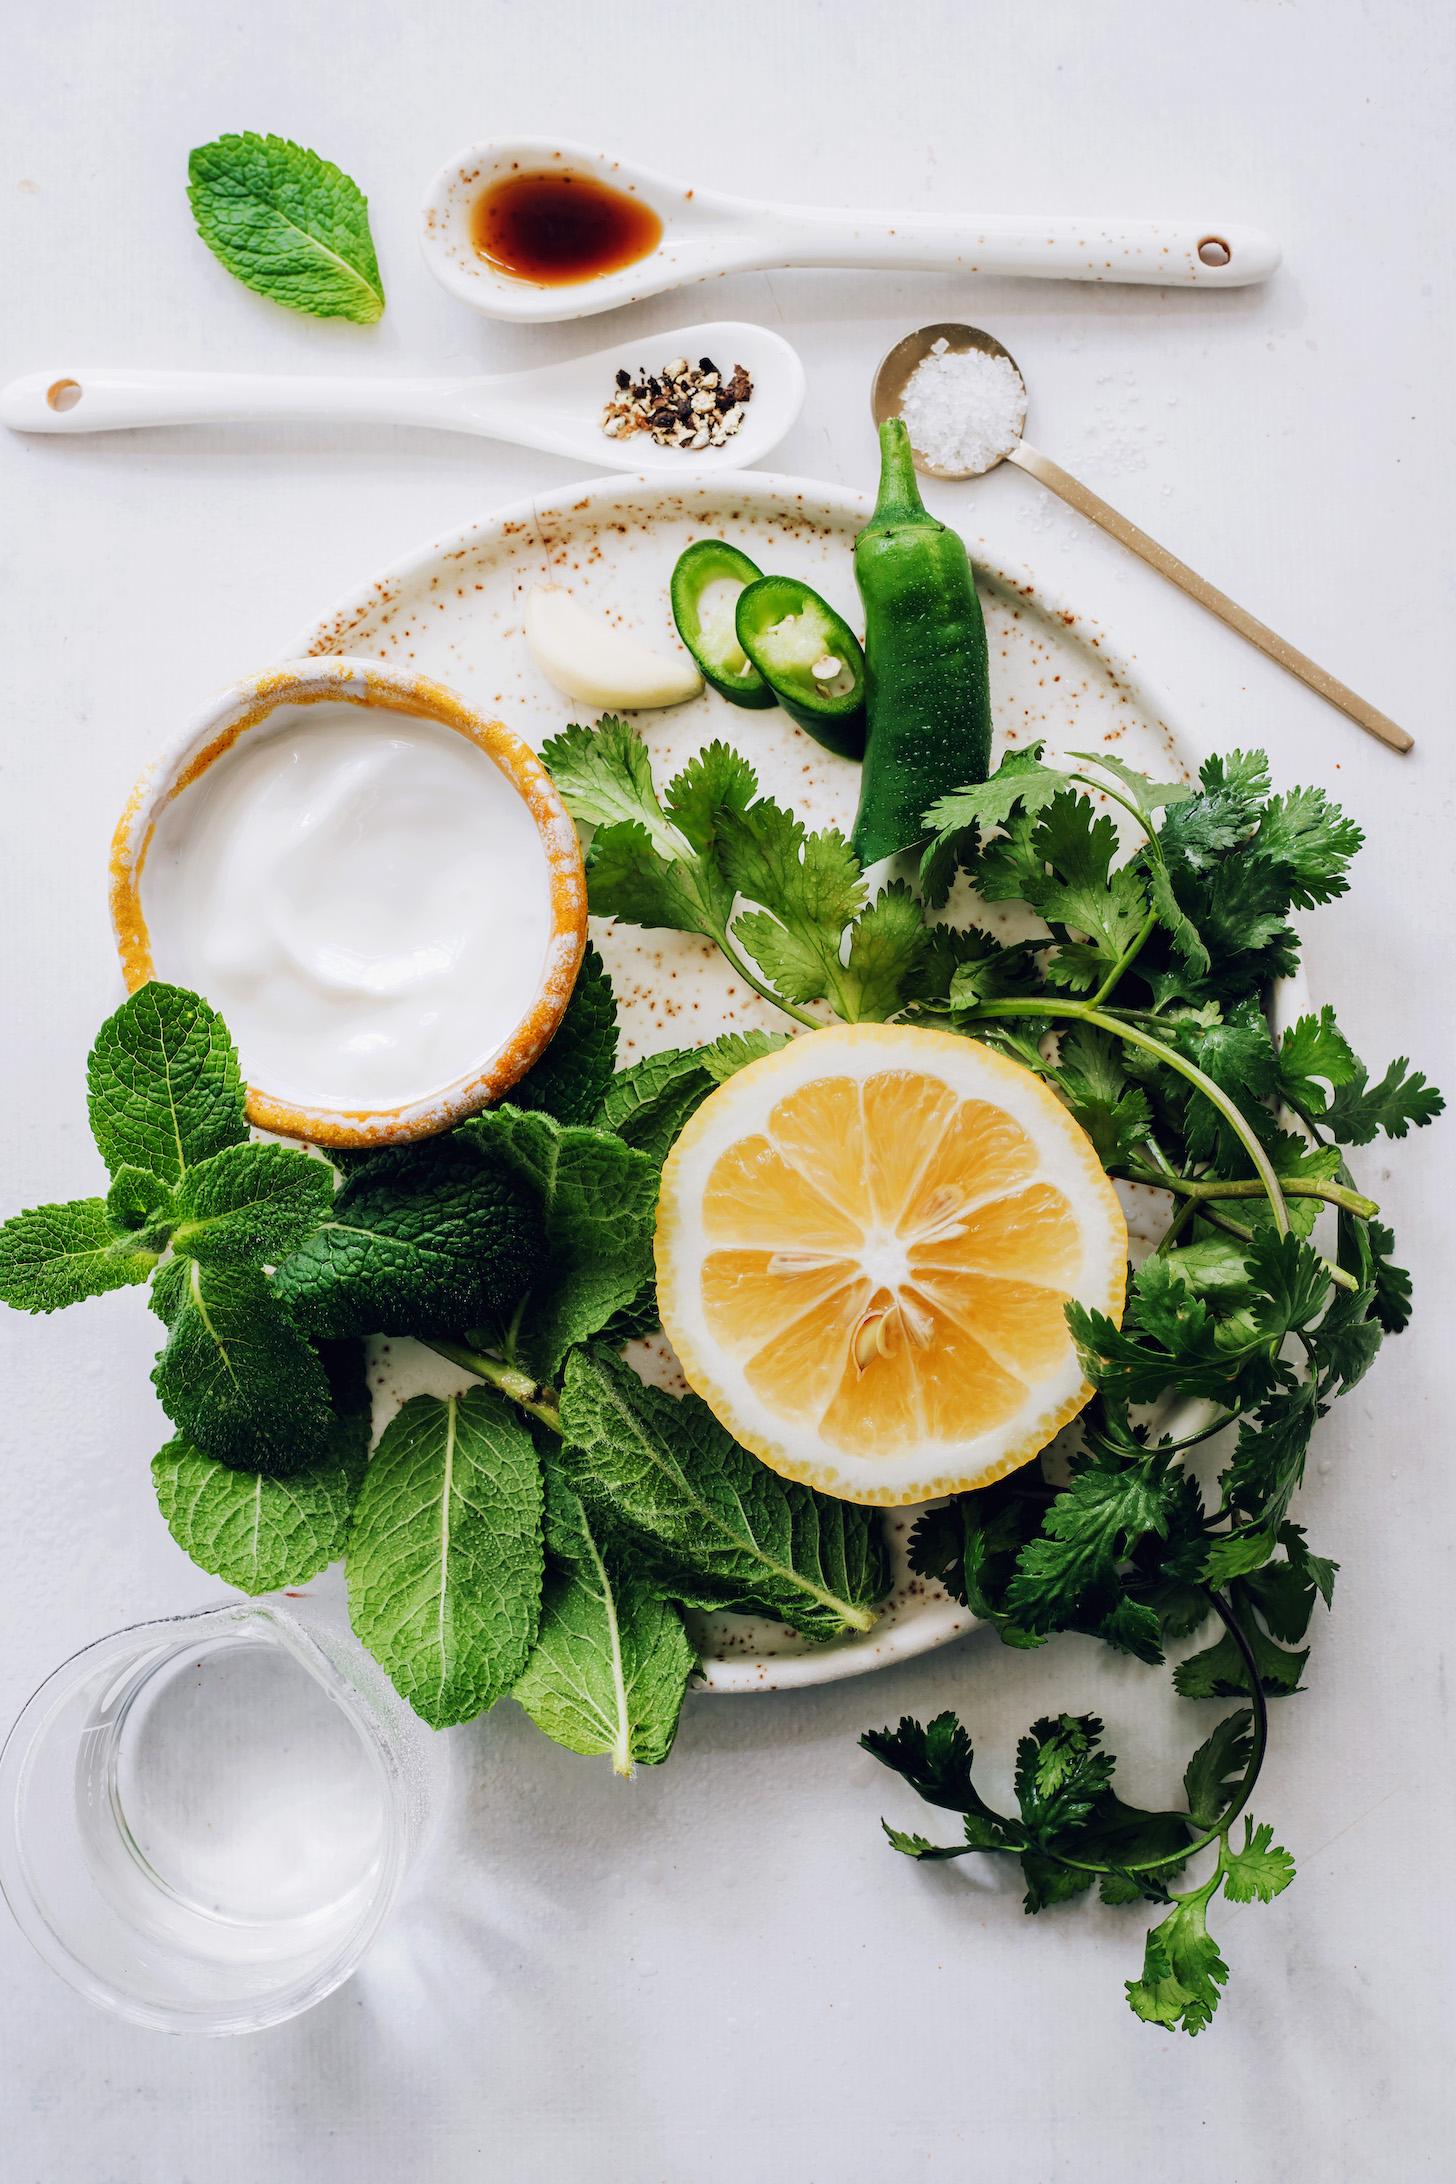 Juharszirup, só, bors és víz egy tányér körül kókuszjoghurttal, mentával, korianderrel, citrommal, jalapenóval és fokhagymával